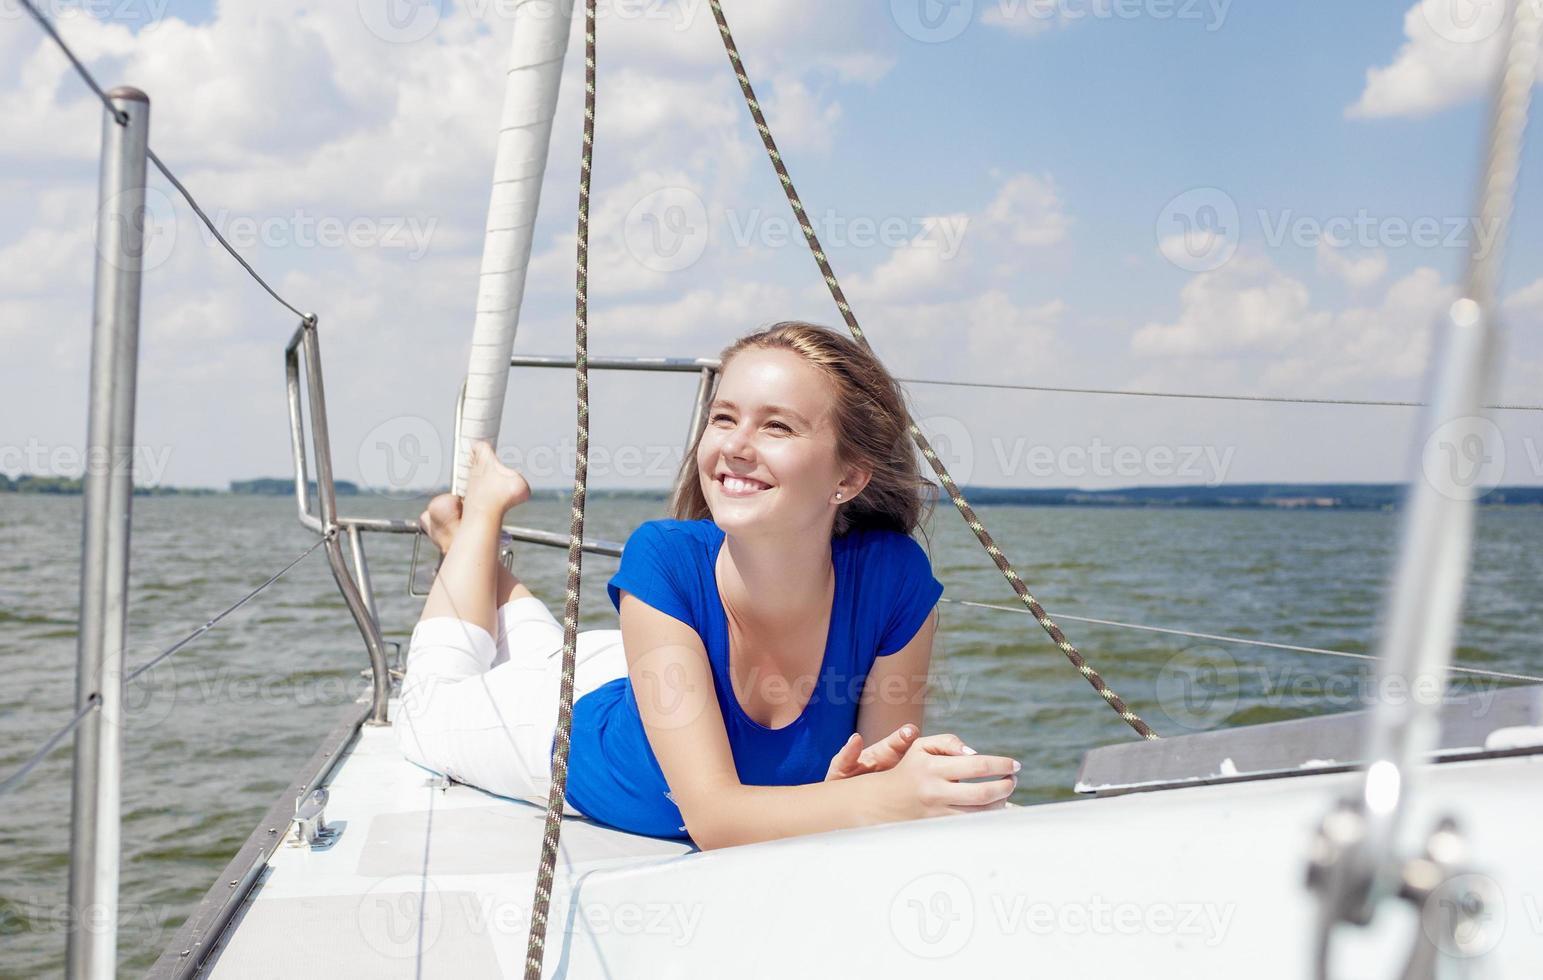 conceitos de viagem: sorrindo mulher caucasiana positiva no iate branco foto